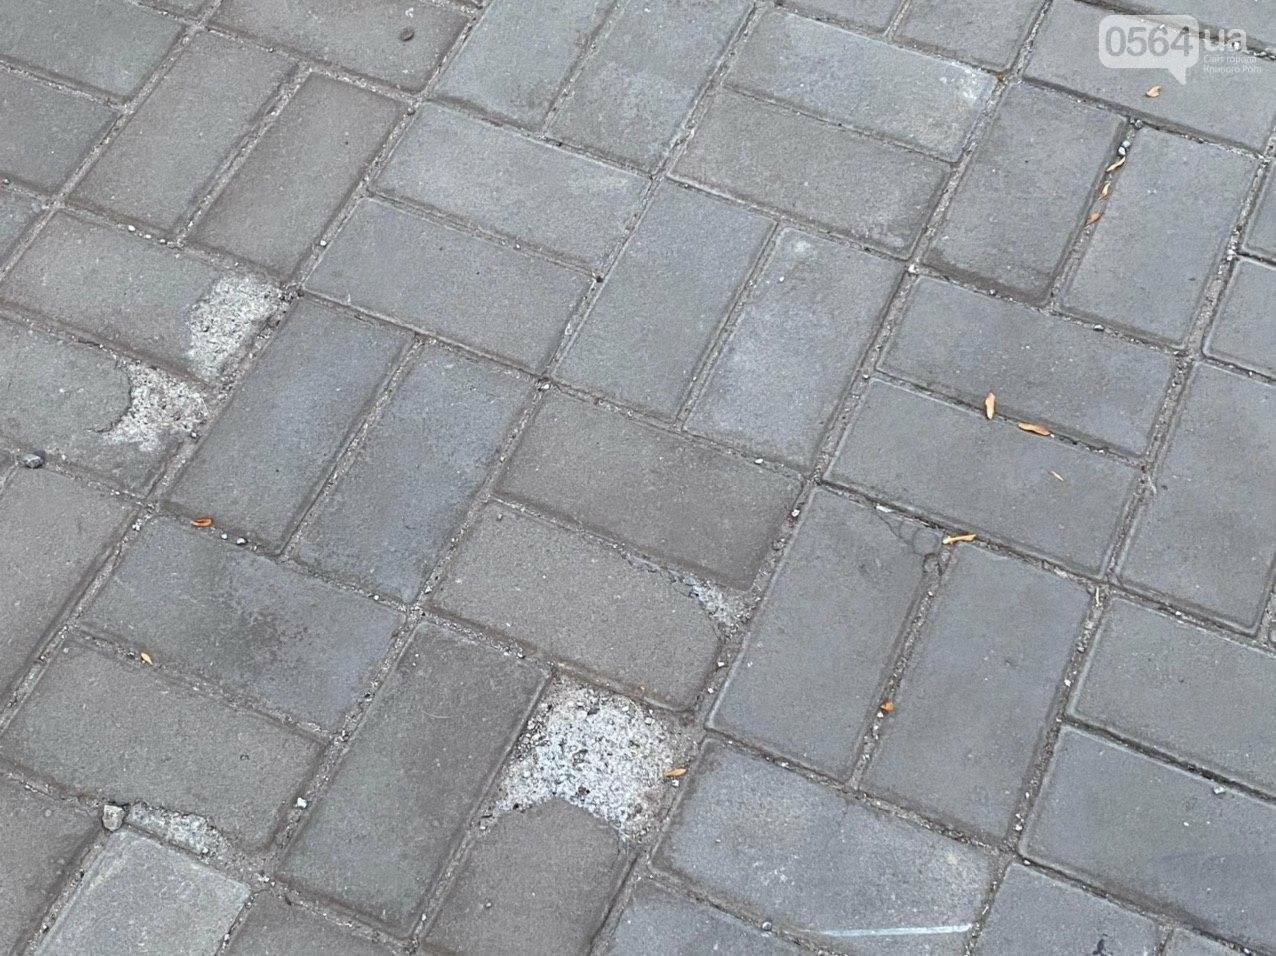 Второй раз по гарантийному договору будут менять плитку под райисполкомом в Кривом Роге, - ФОТО , фото-33